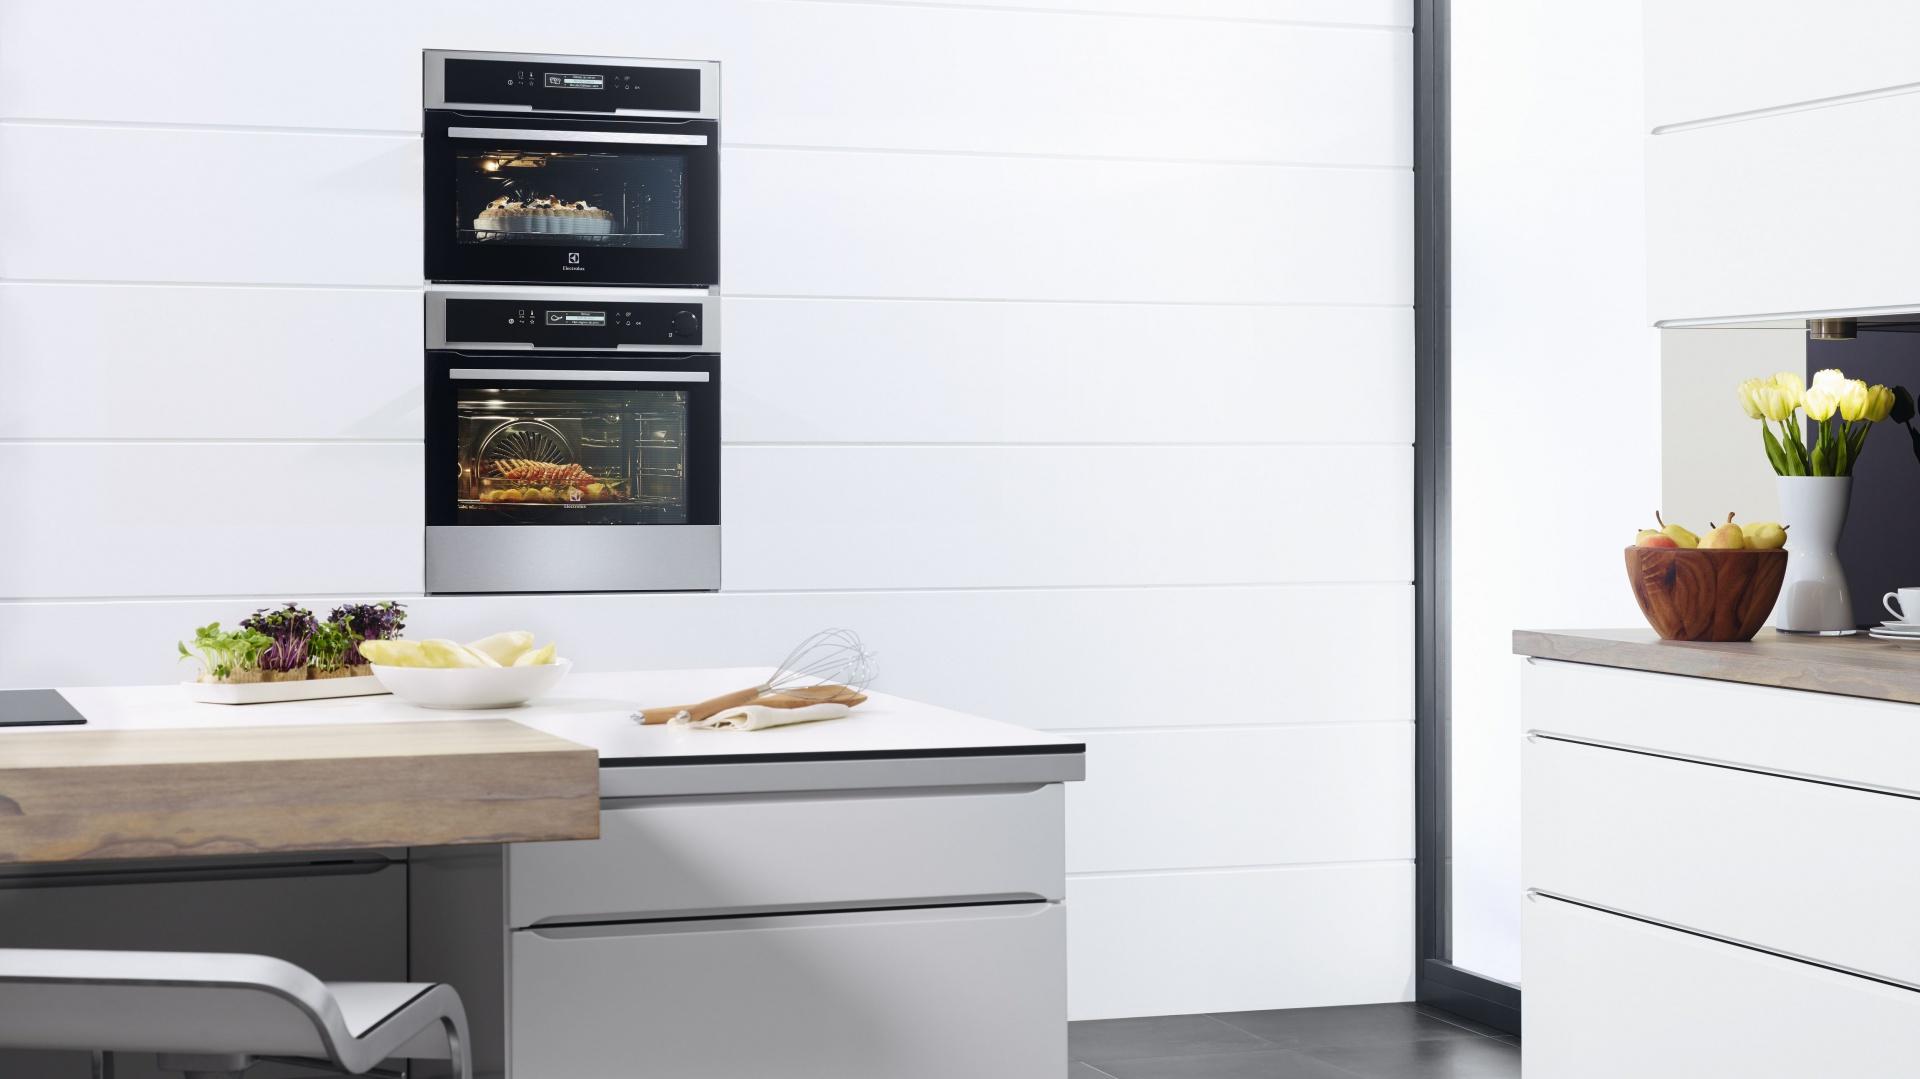 wielofunkcyjny piekarnik nowoczesna kuchnia wybierz